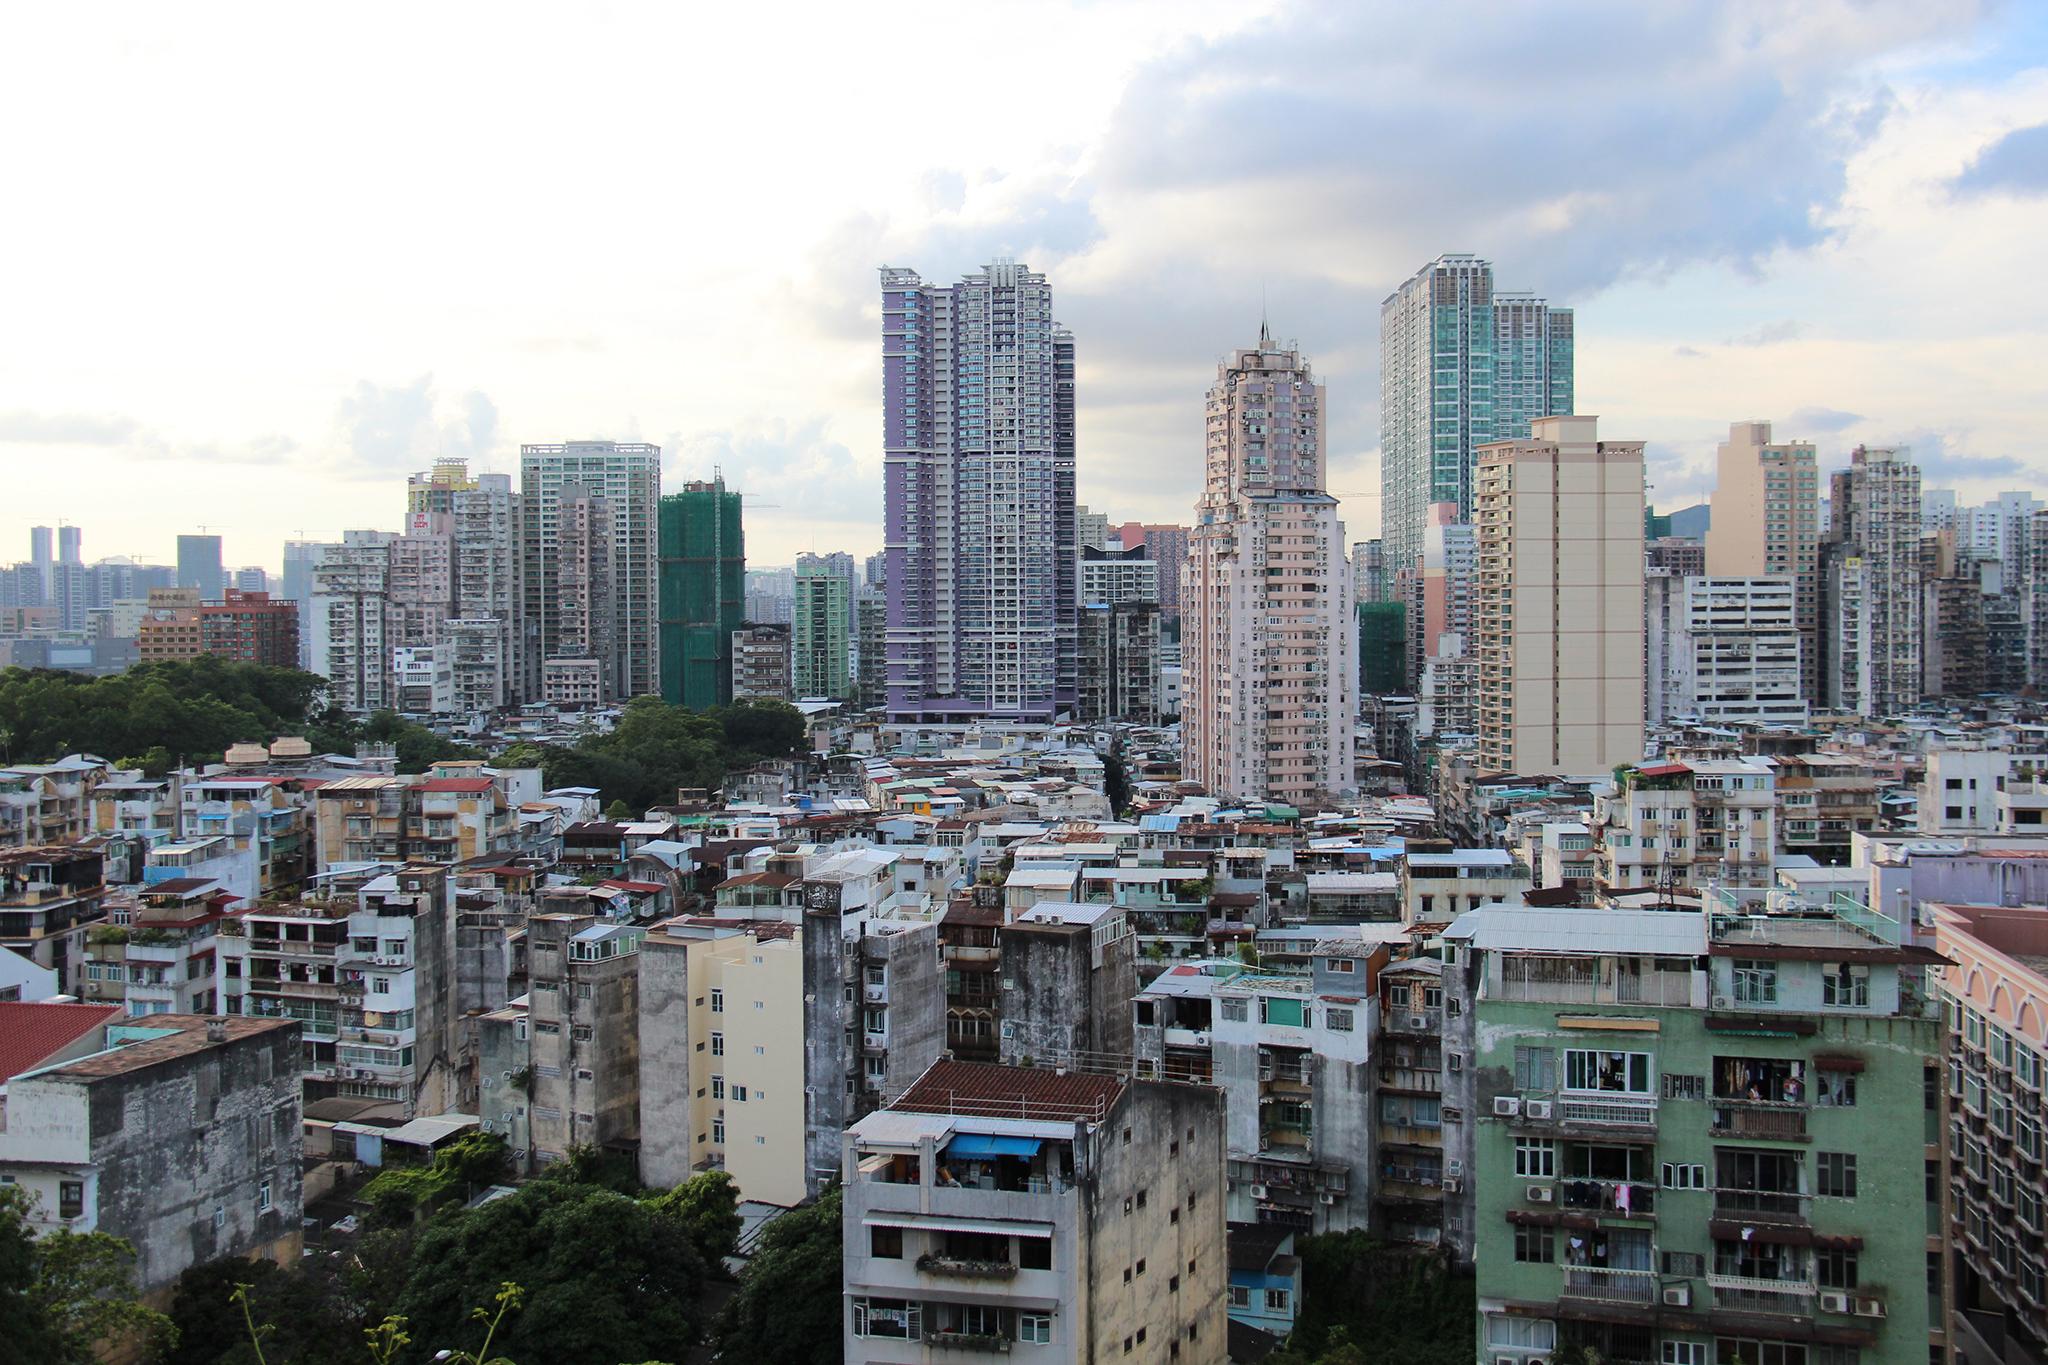 Província de Guizhou quer trazer 500 trabalhadores para Macau até 2020